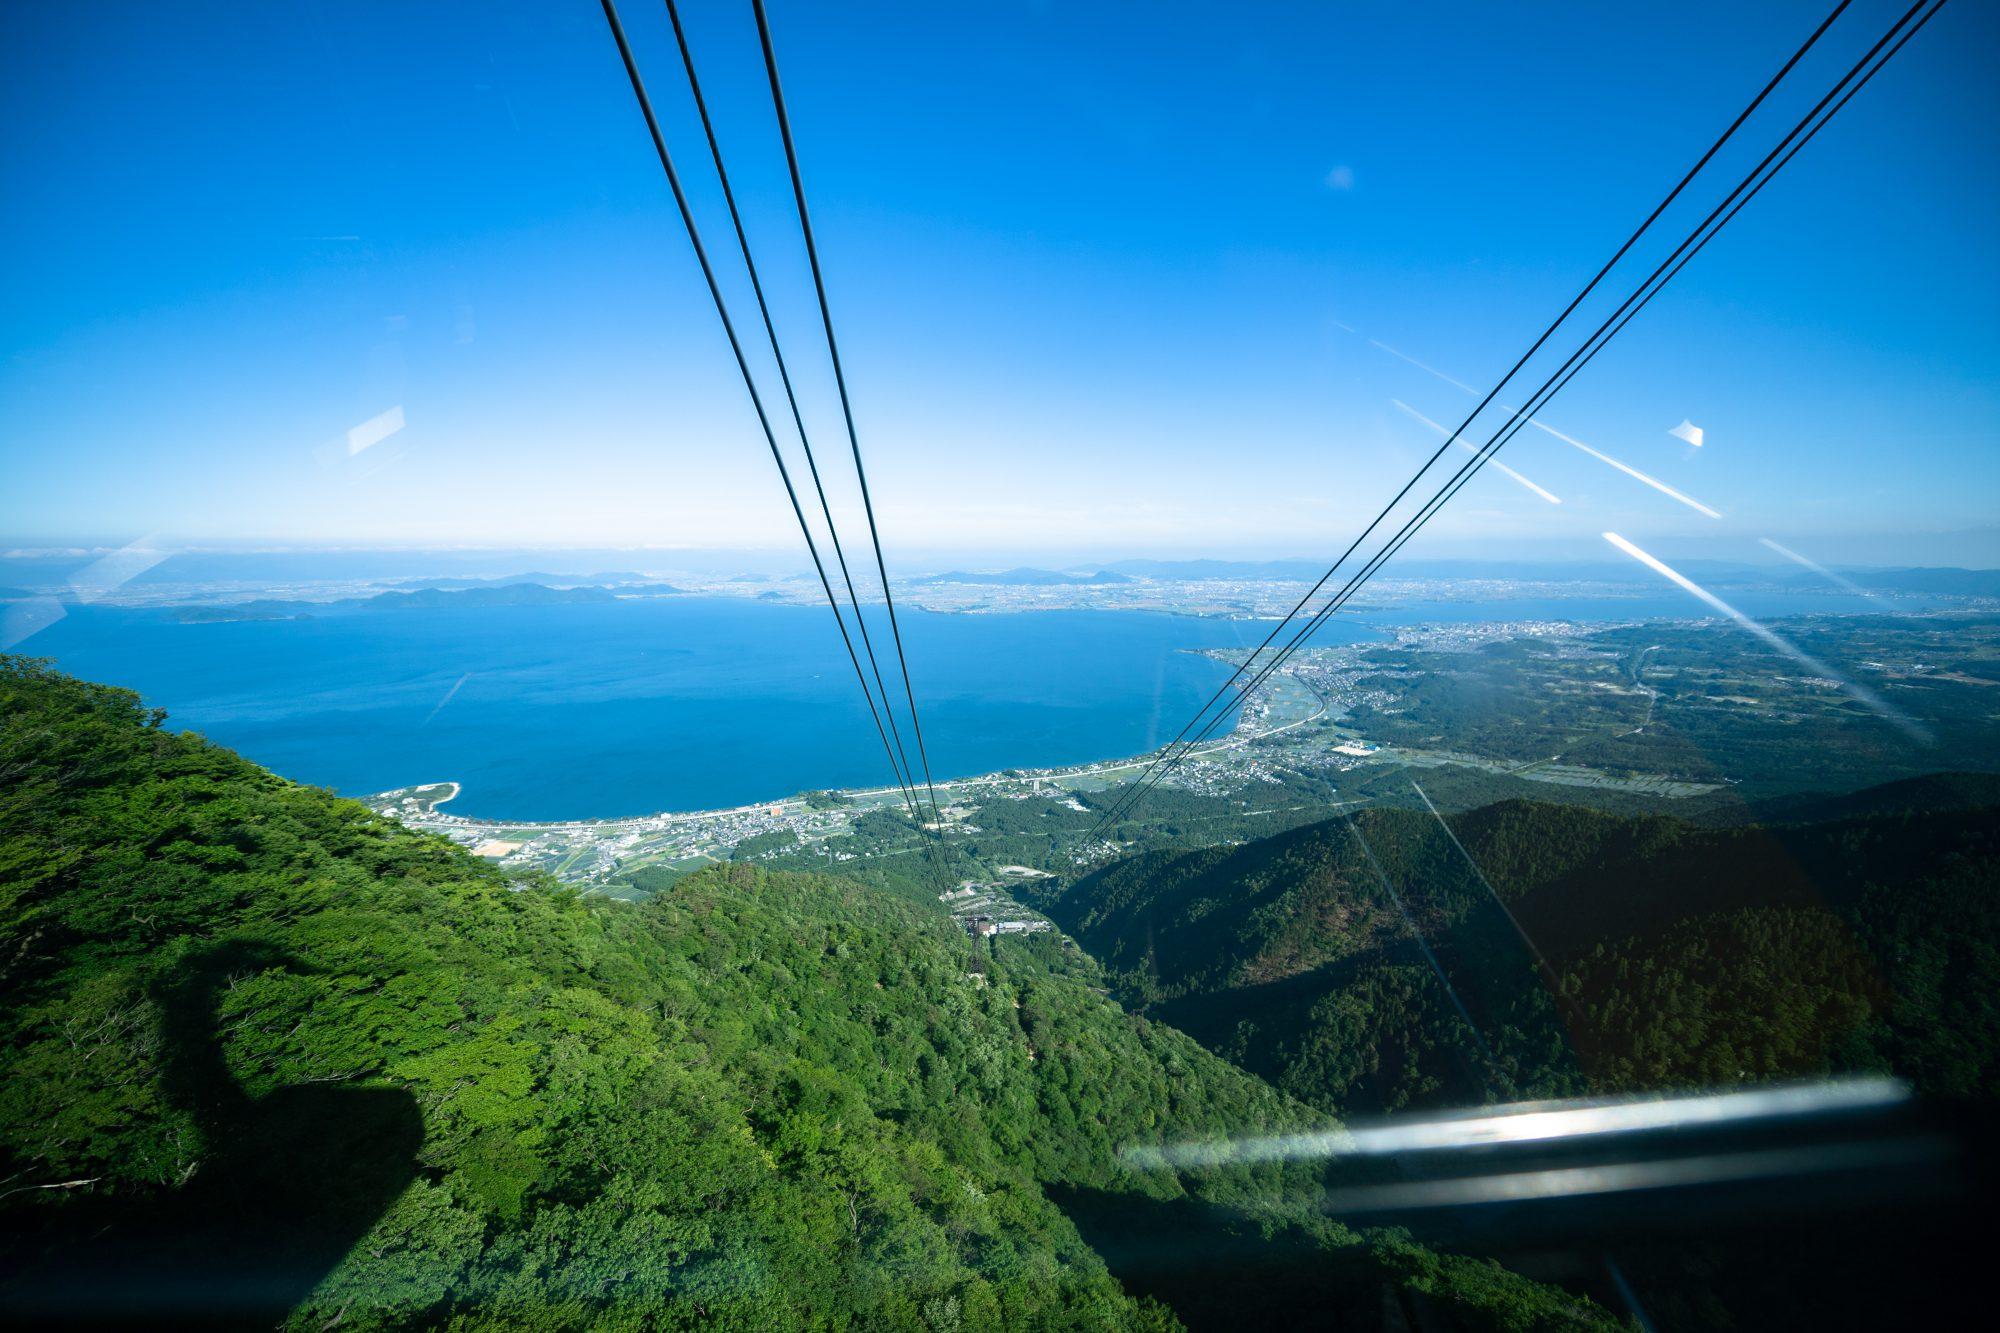 ロープウェーだと4分でこの絶景に出会える。まさにLAKE to SKY ©BIWAKO VALLEY SKYRACE・JSA・NAGI MUROFUSHI